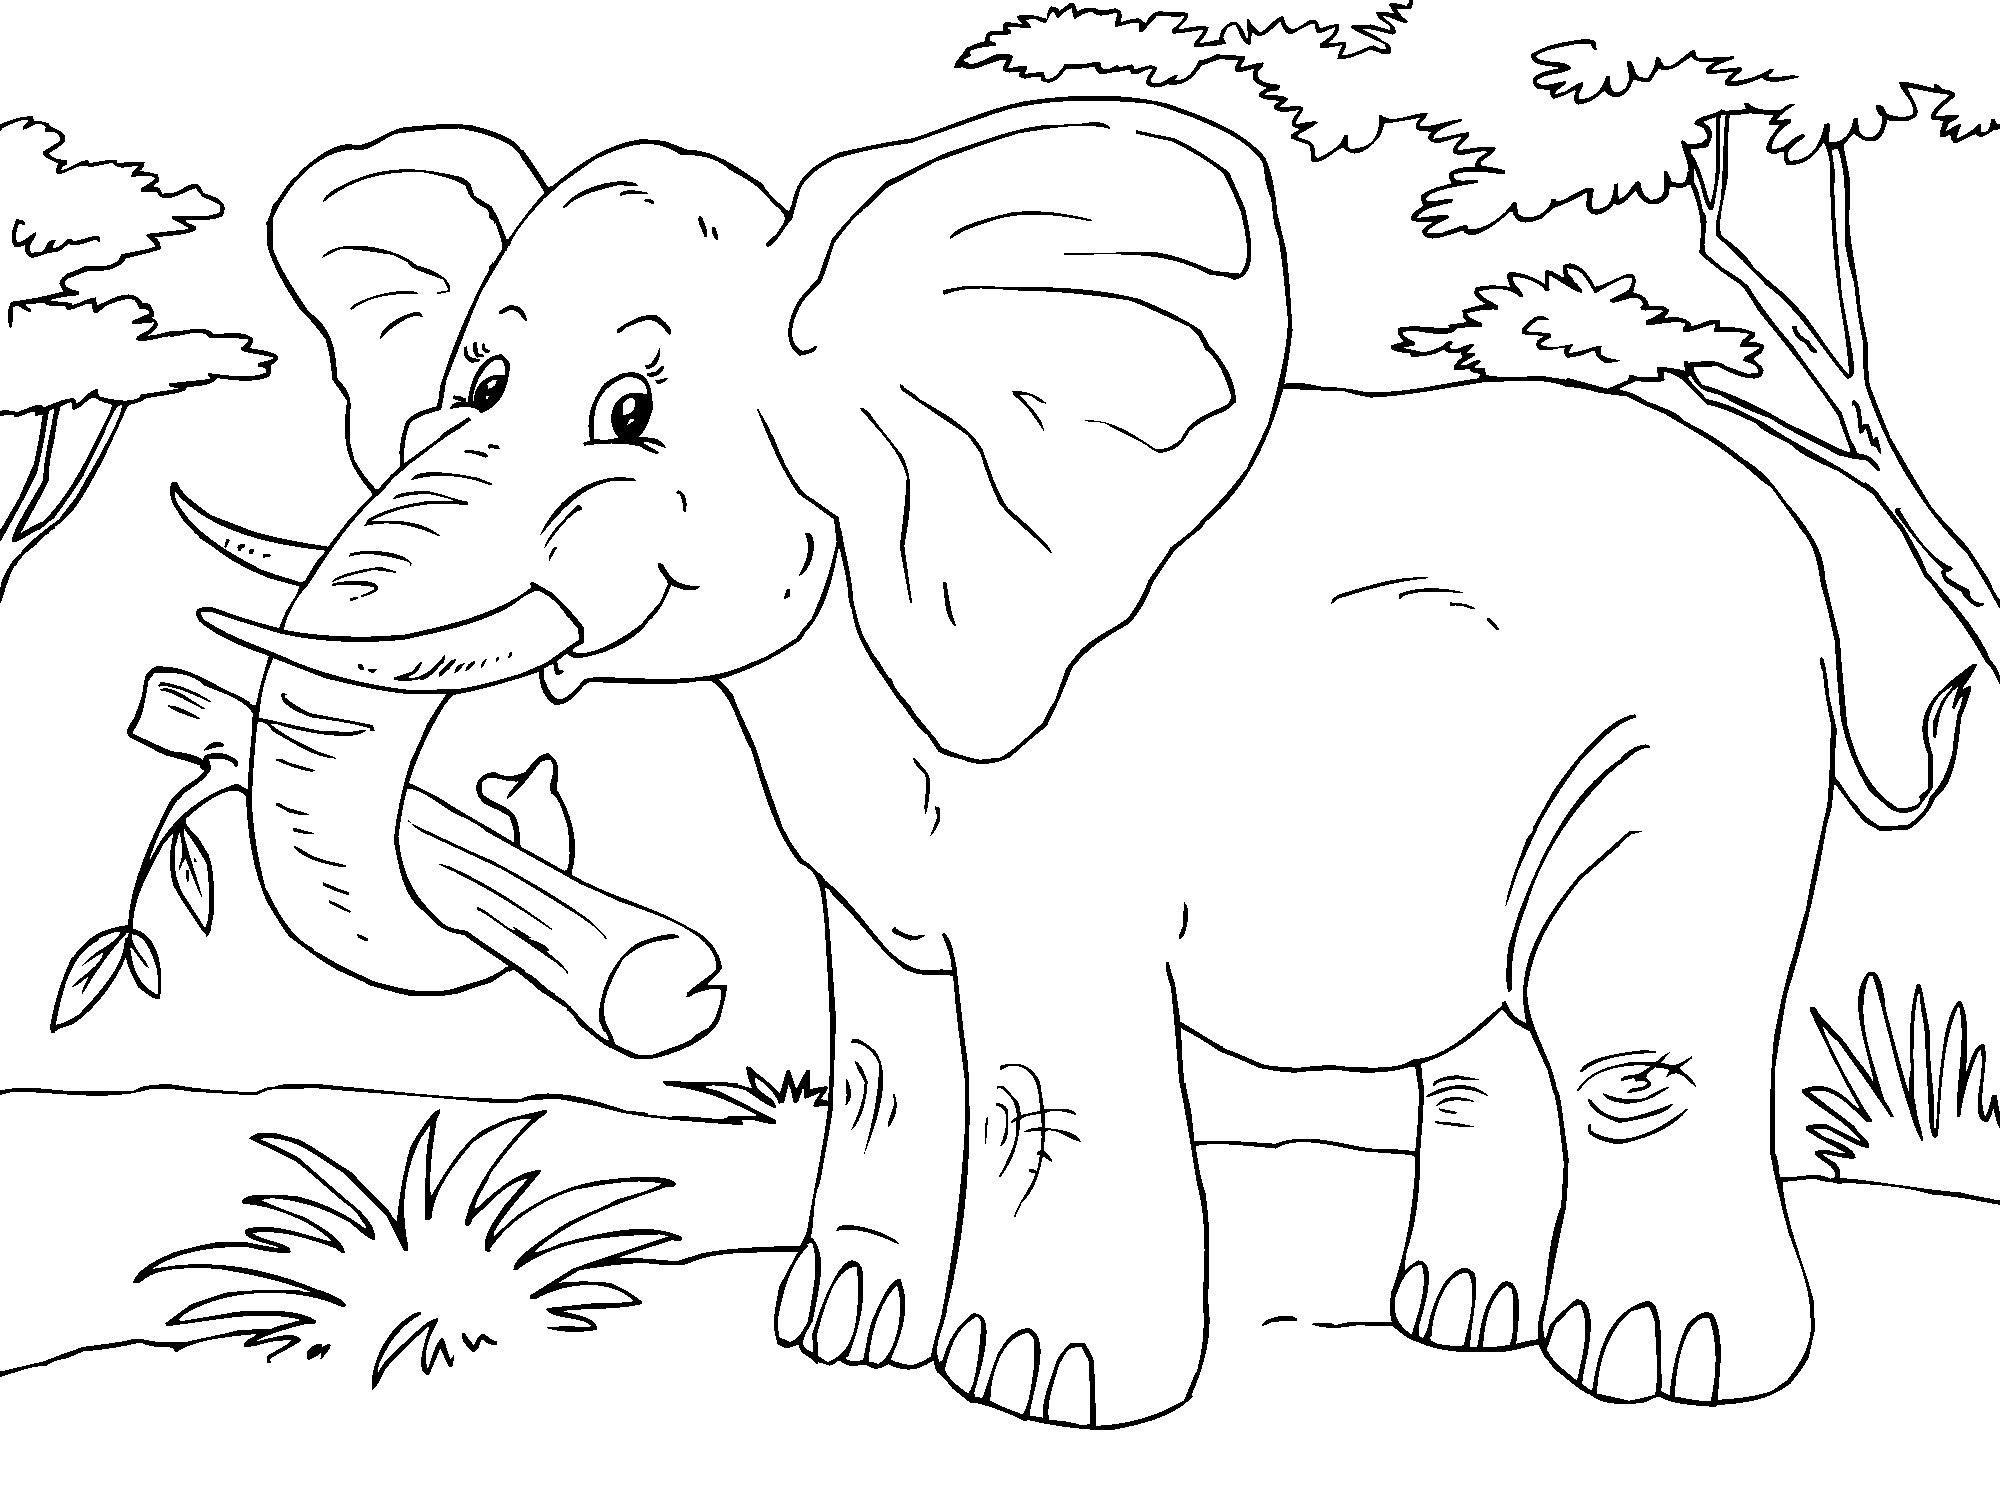 Dibujo para colorear elefante - Img 23015